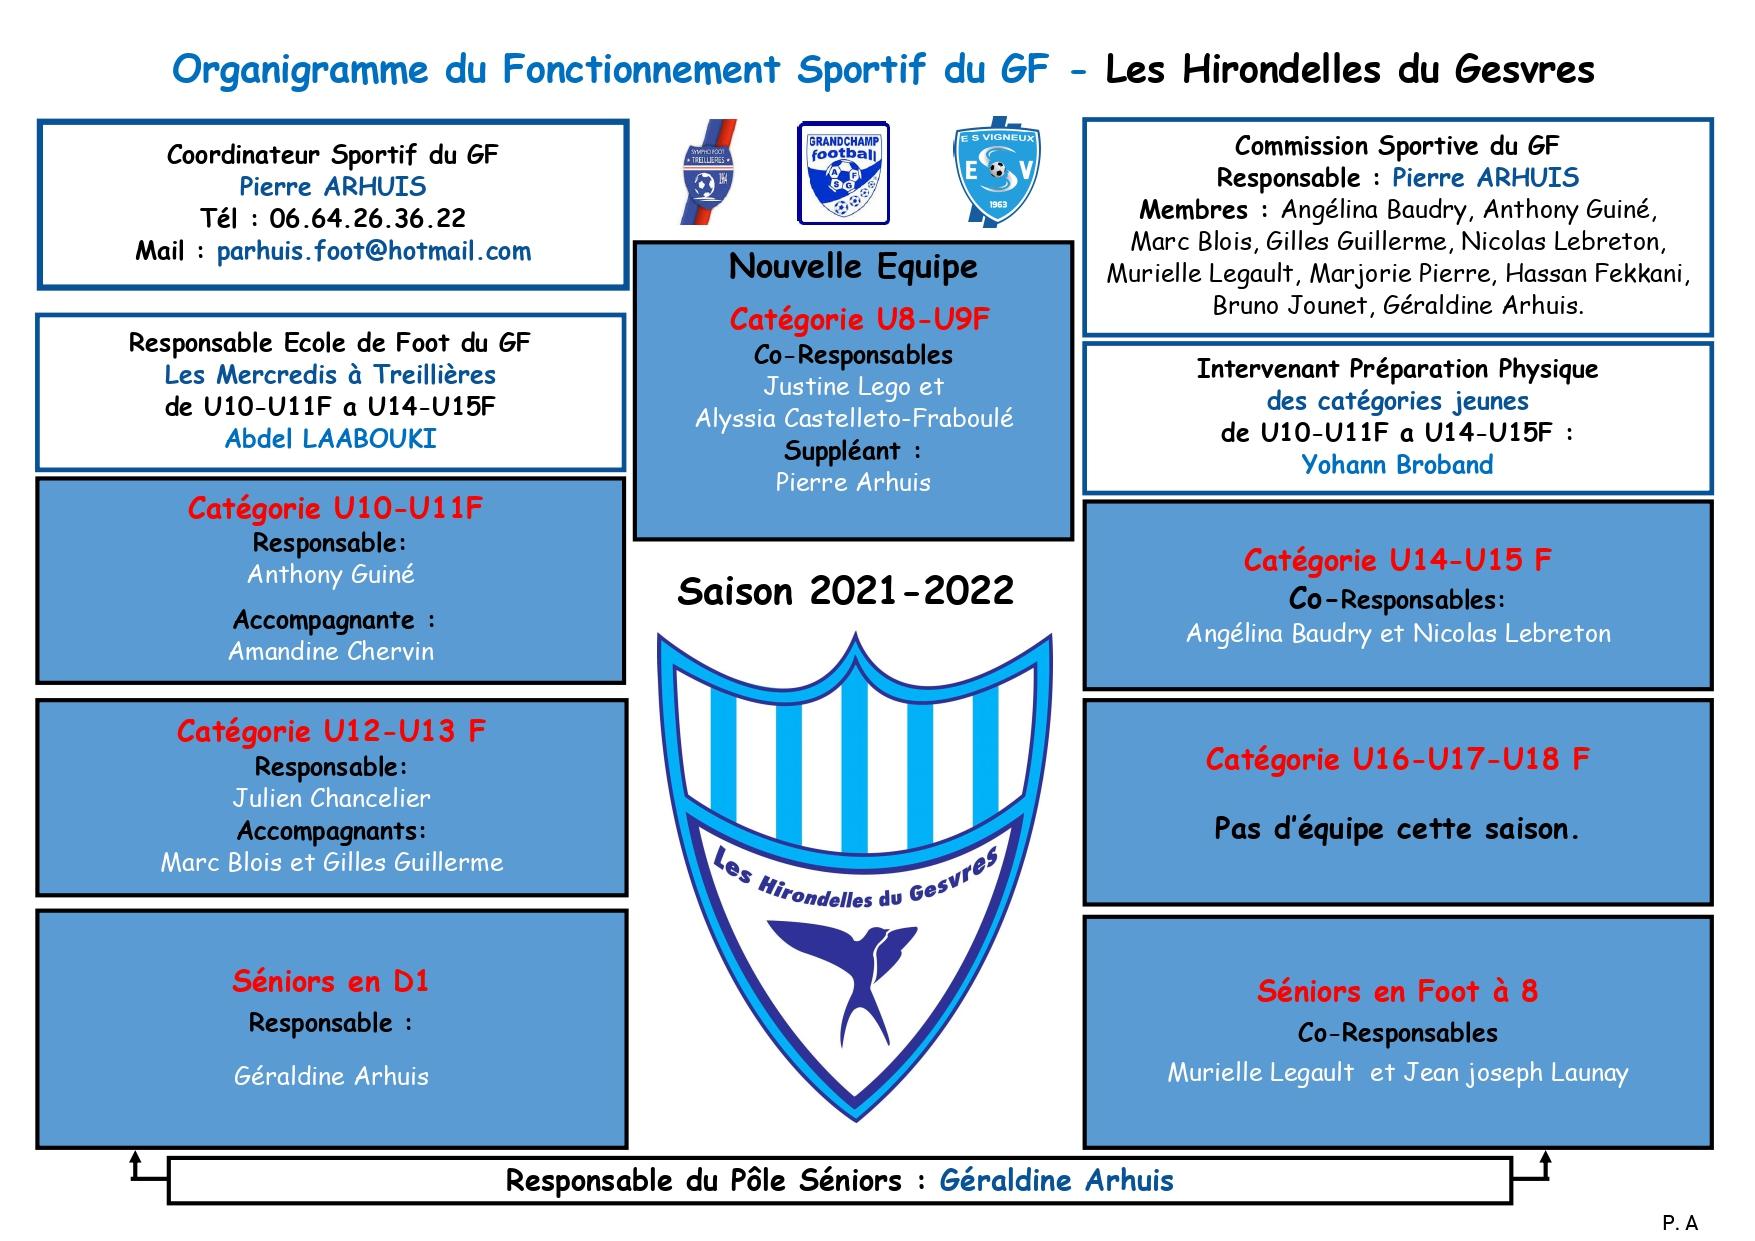 Organigramme sportif du GF saison 2021/2022